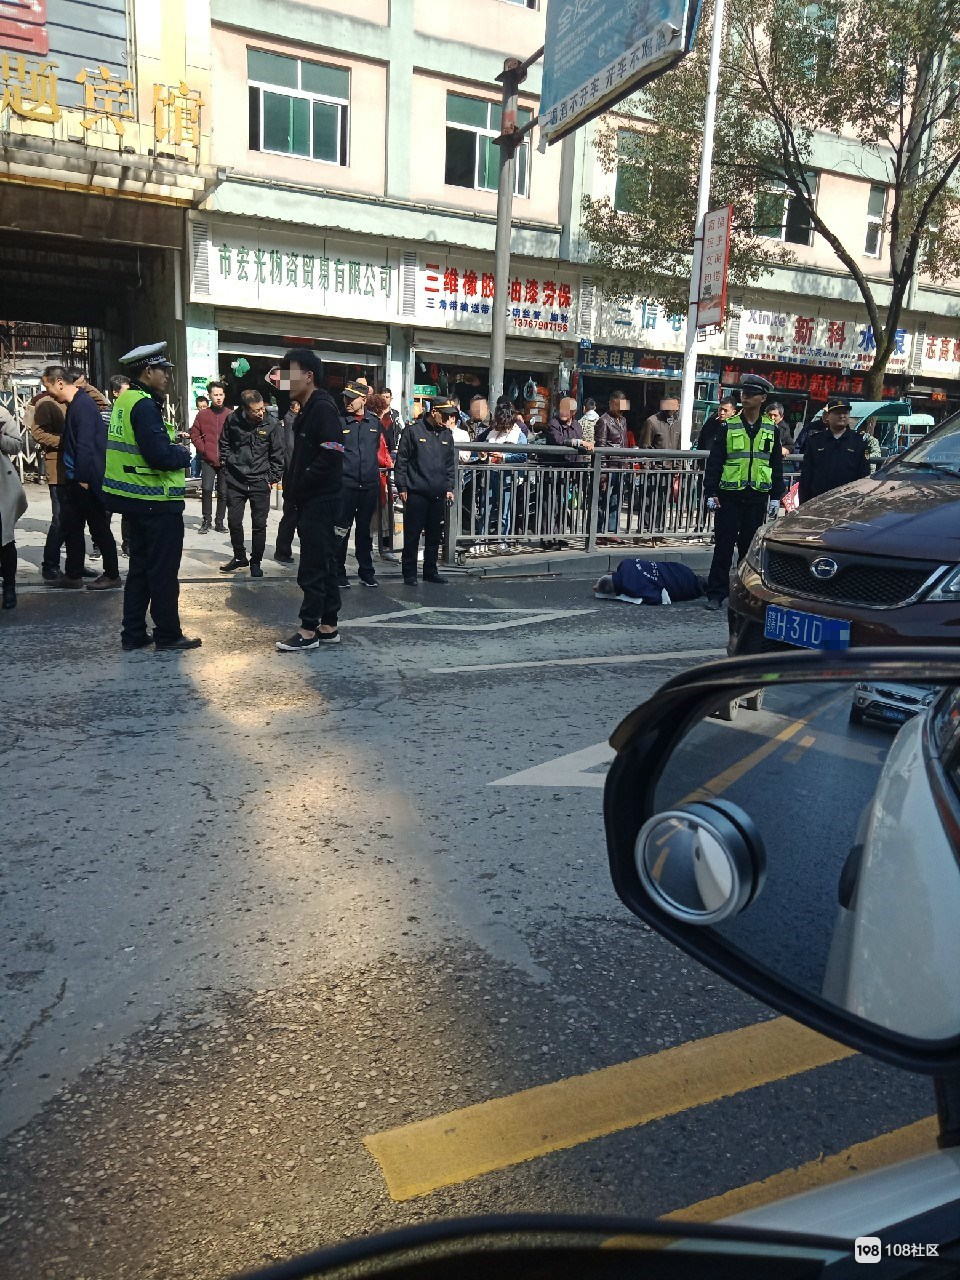 里村发生车祸事故!一汽车撞上老人 躺在路边动不了